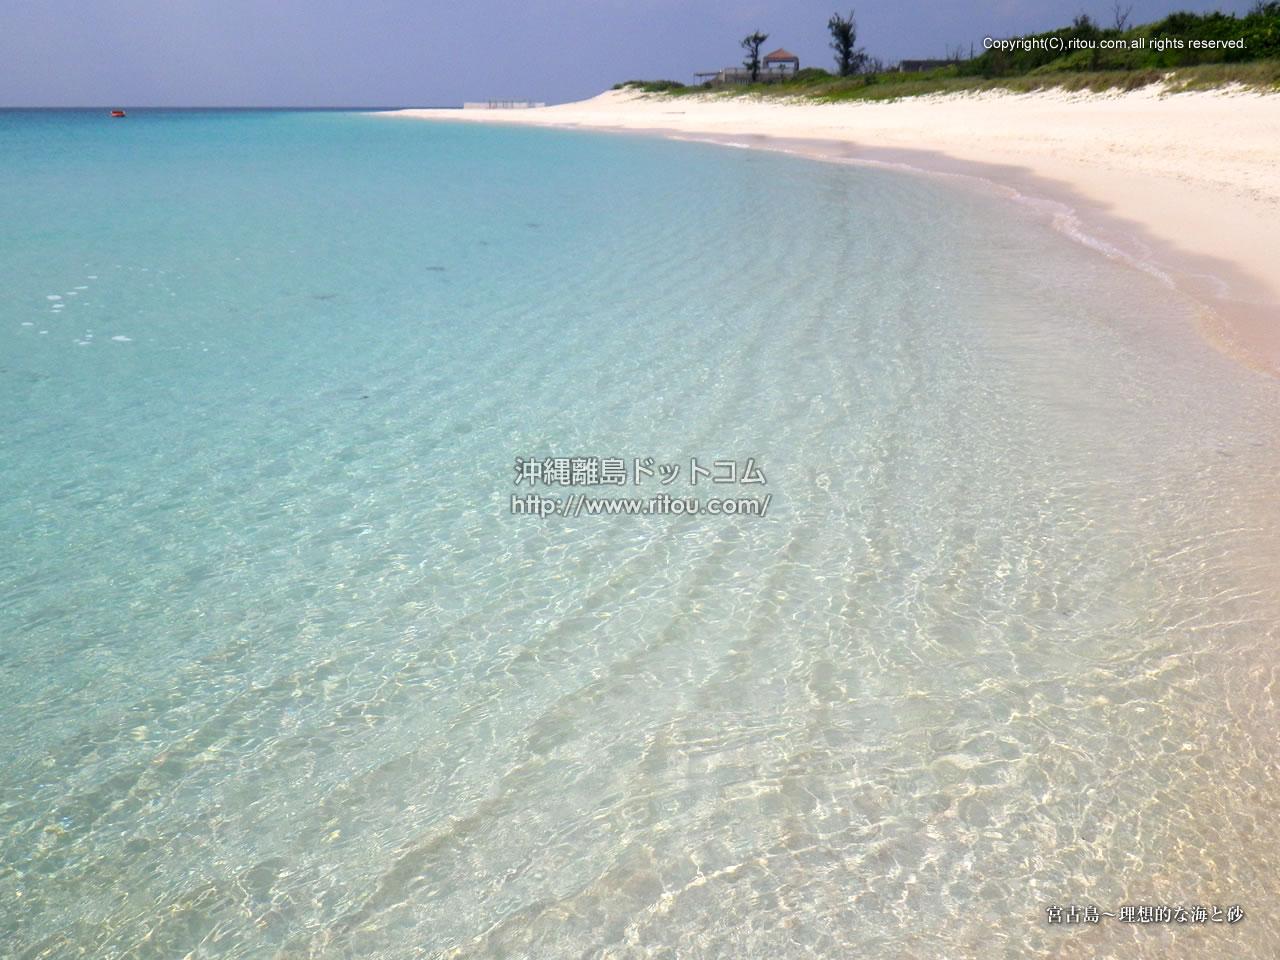 宮古島〜理想的な海と砂